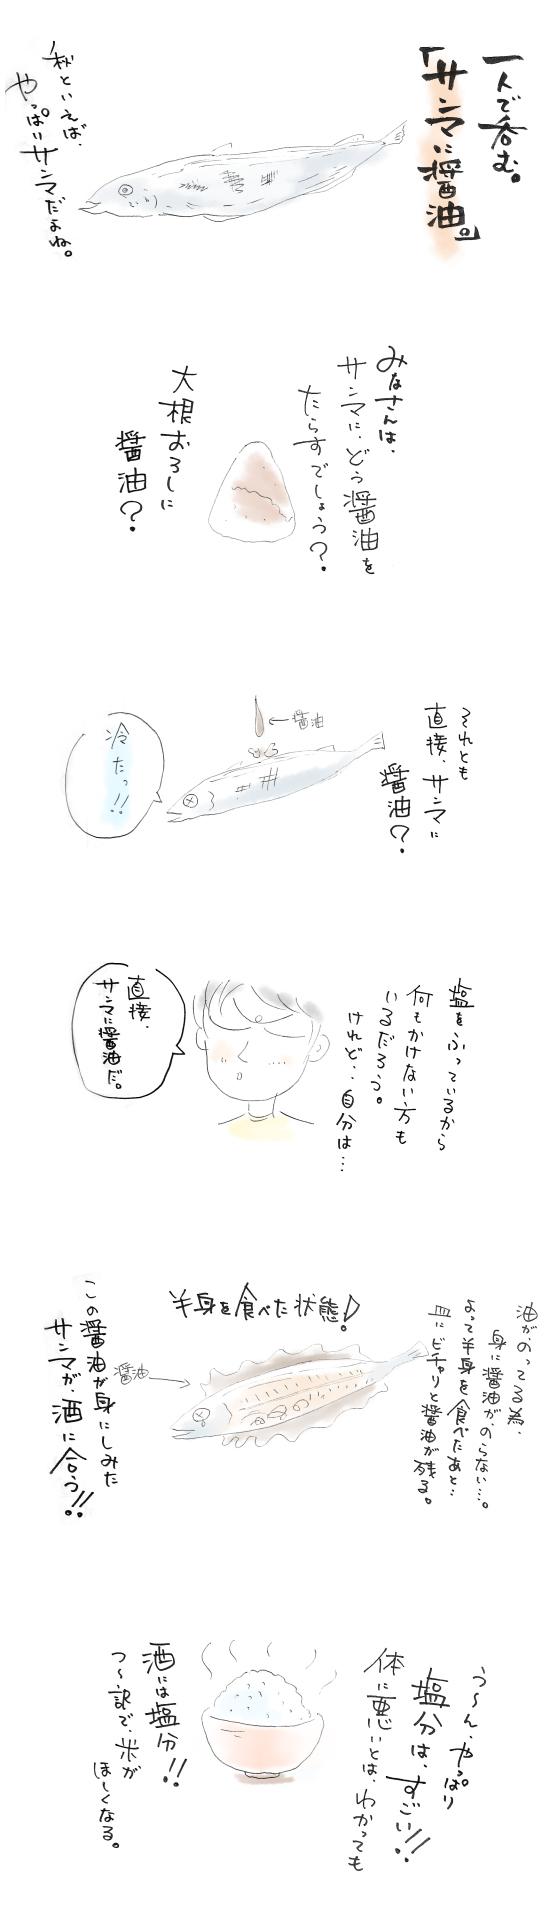 20161014_212419425.jpg